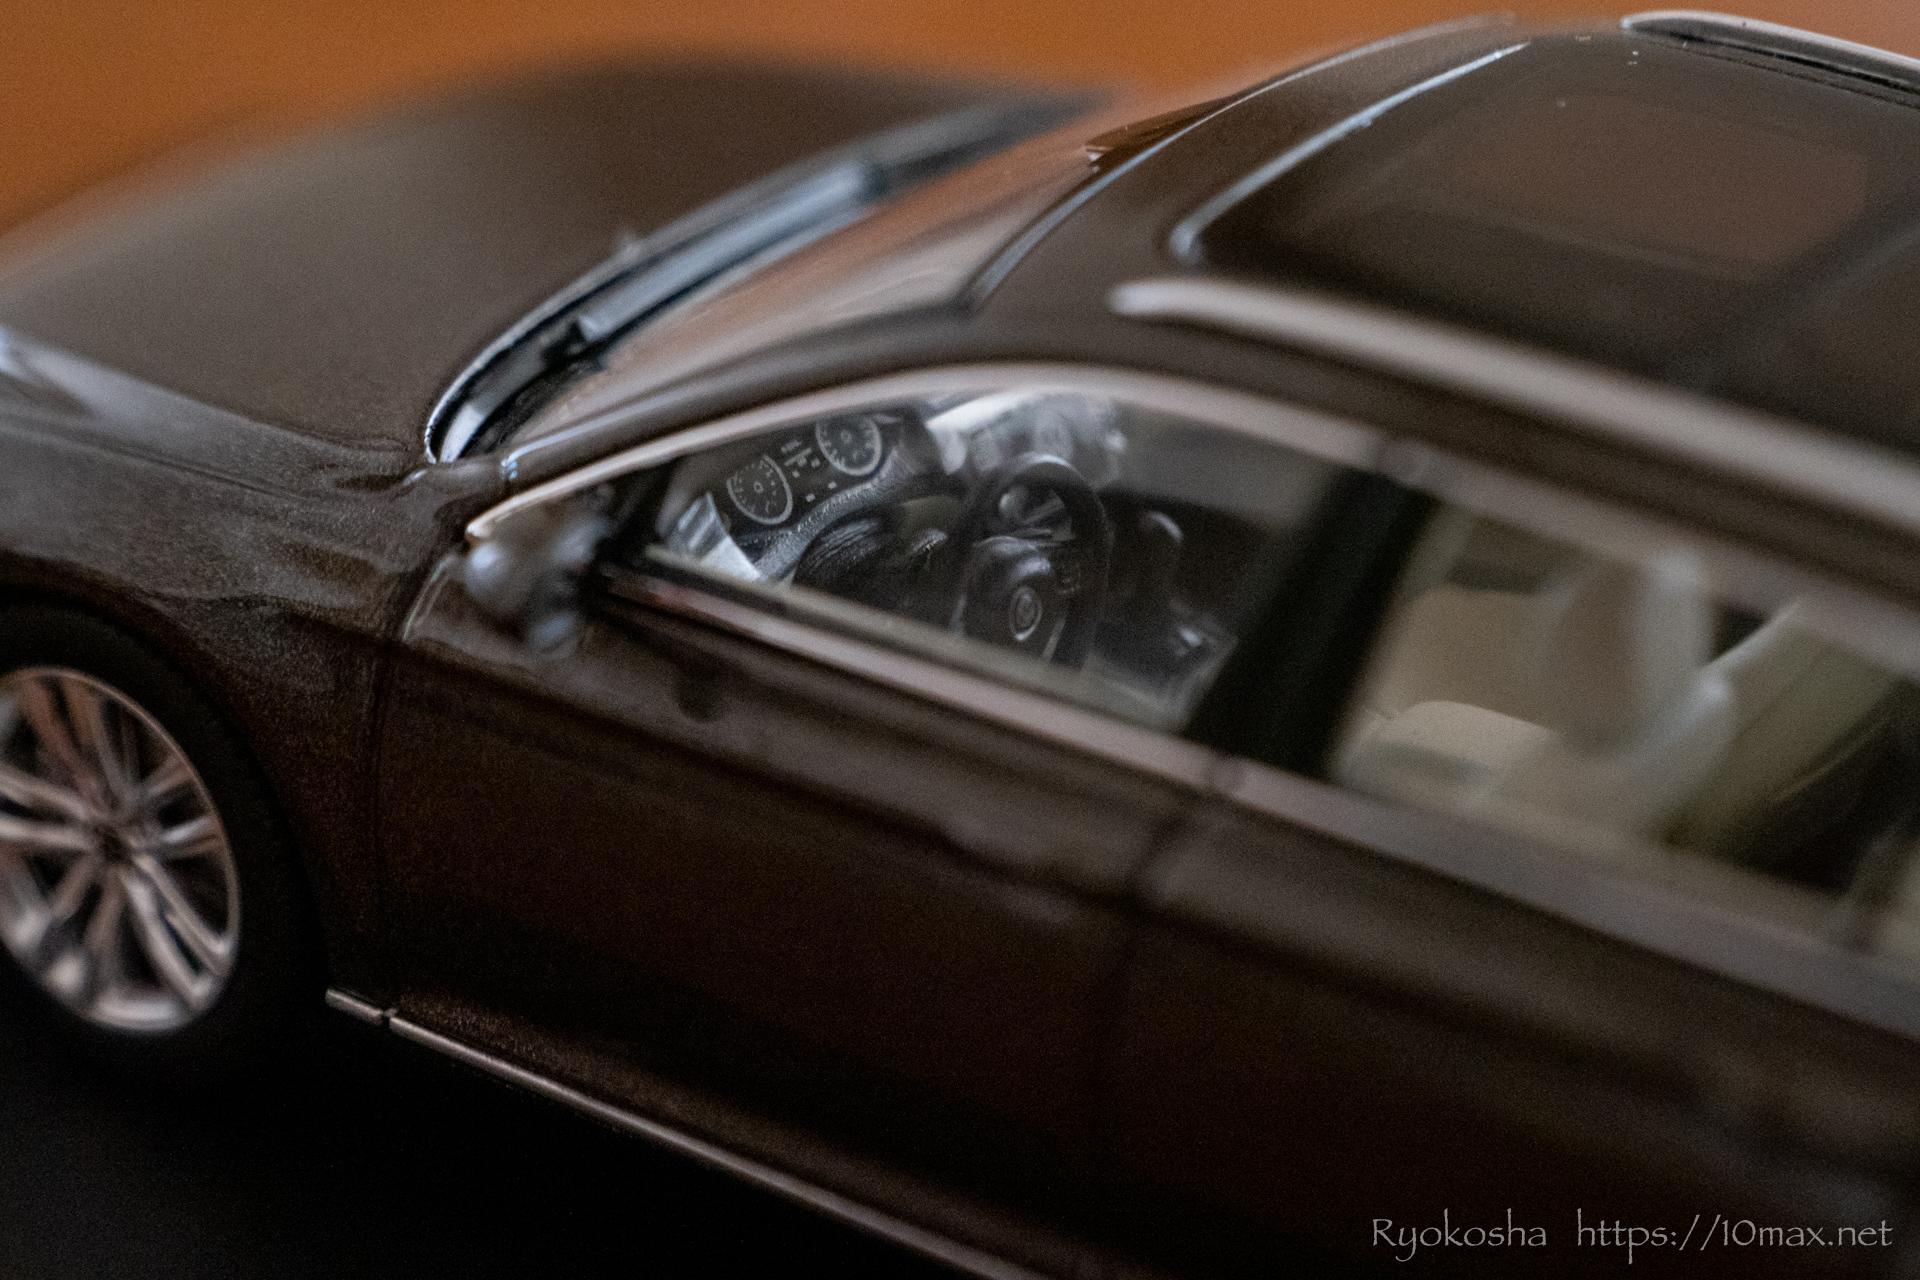 パサートヴァリアント B8 ミニカー 1/43スケール フォルクスワーゲン シュコー Schuco トミカ